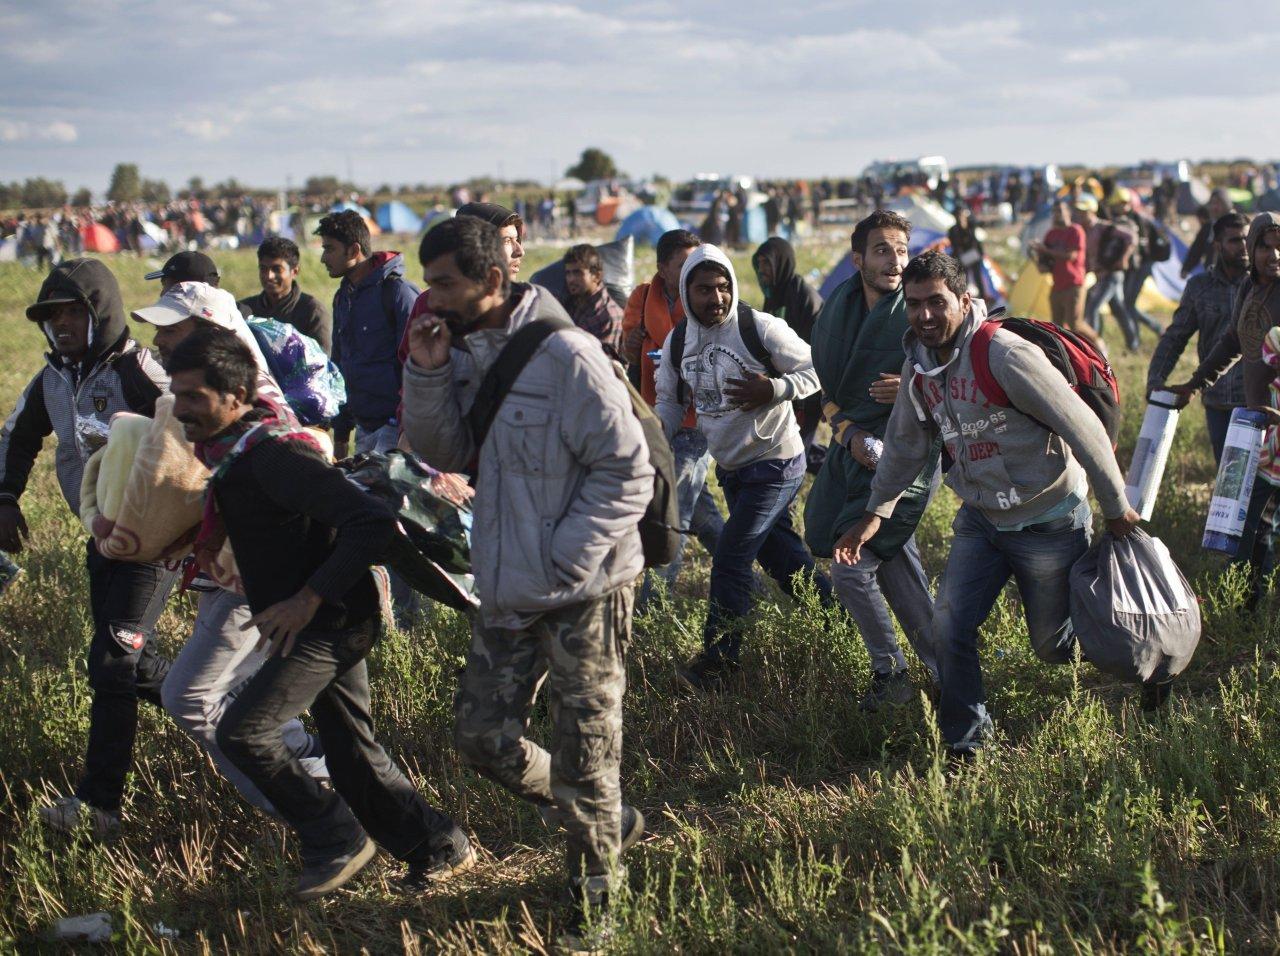 Гигантская группа мигрантов проникла в США из Мексики по туннелям